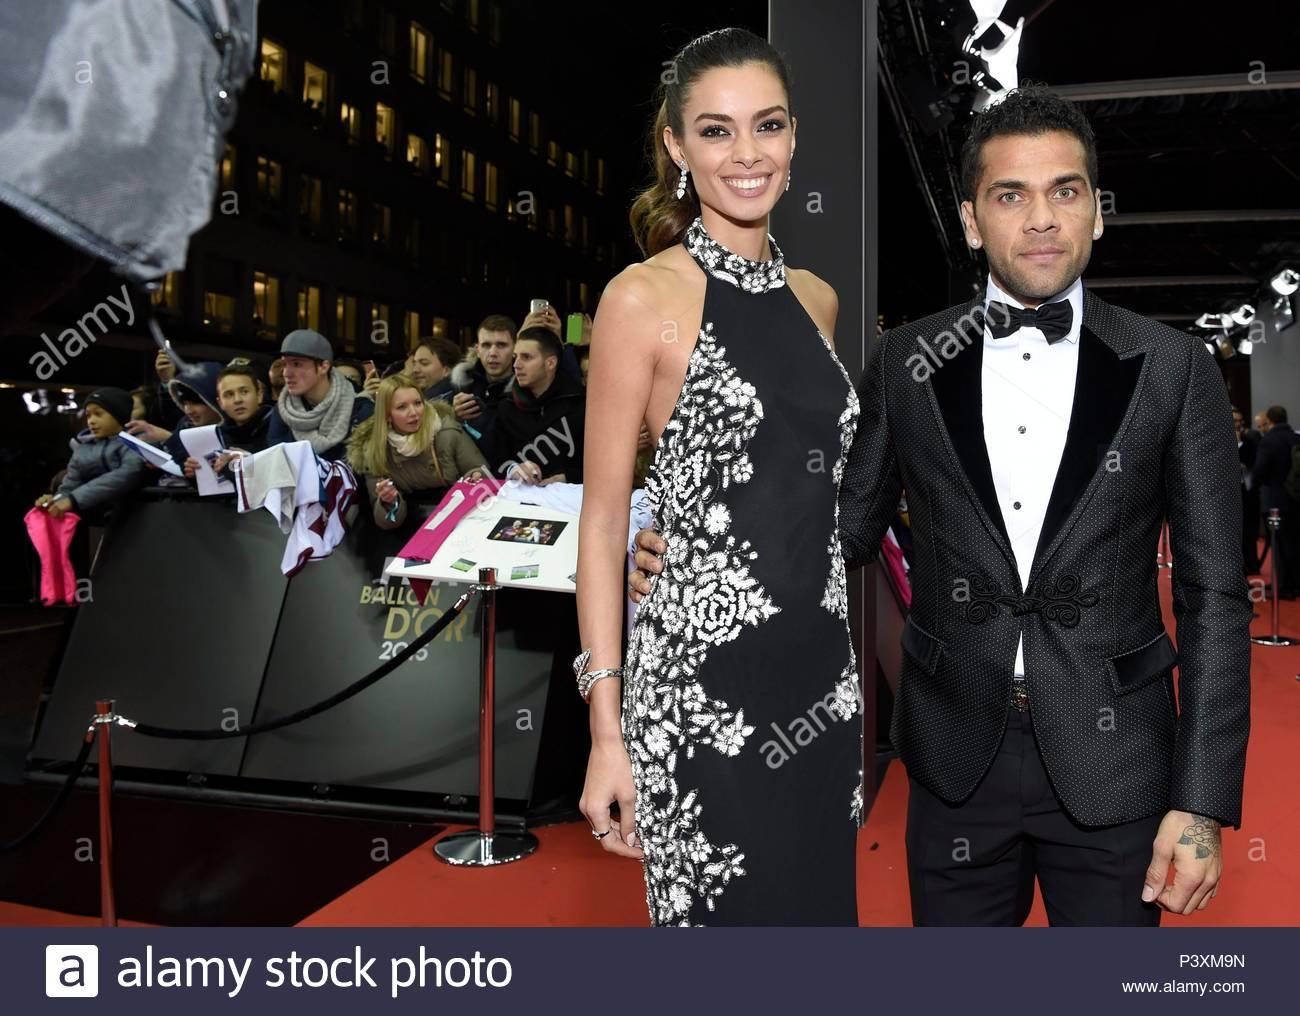 Dani Alves and wife. FIFA Ballon d'Or Gala 2015 at the Kongresshaus in Zurich.  BALLON DOR 2015 - Stock Image